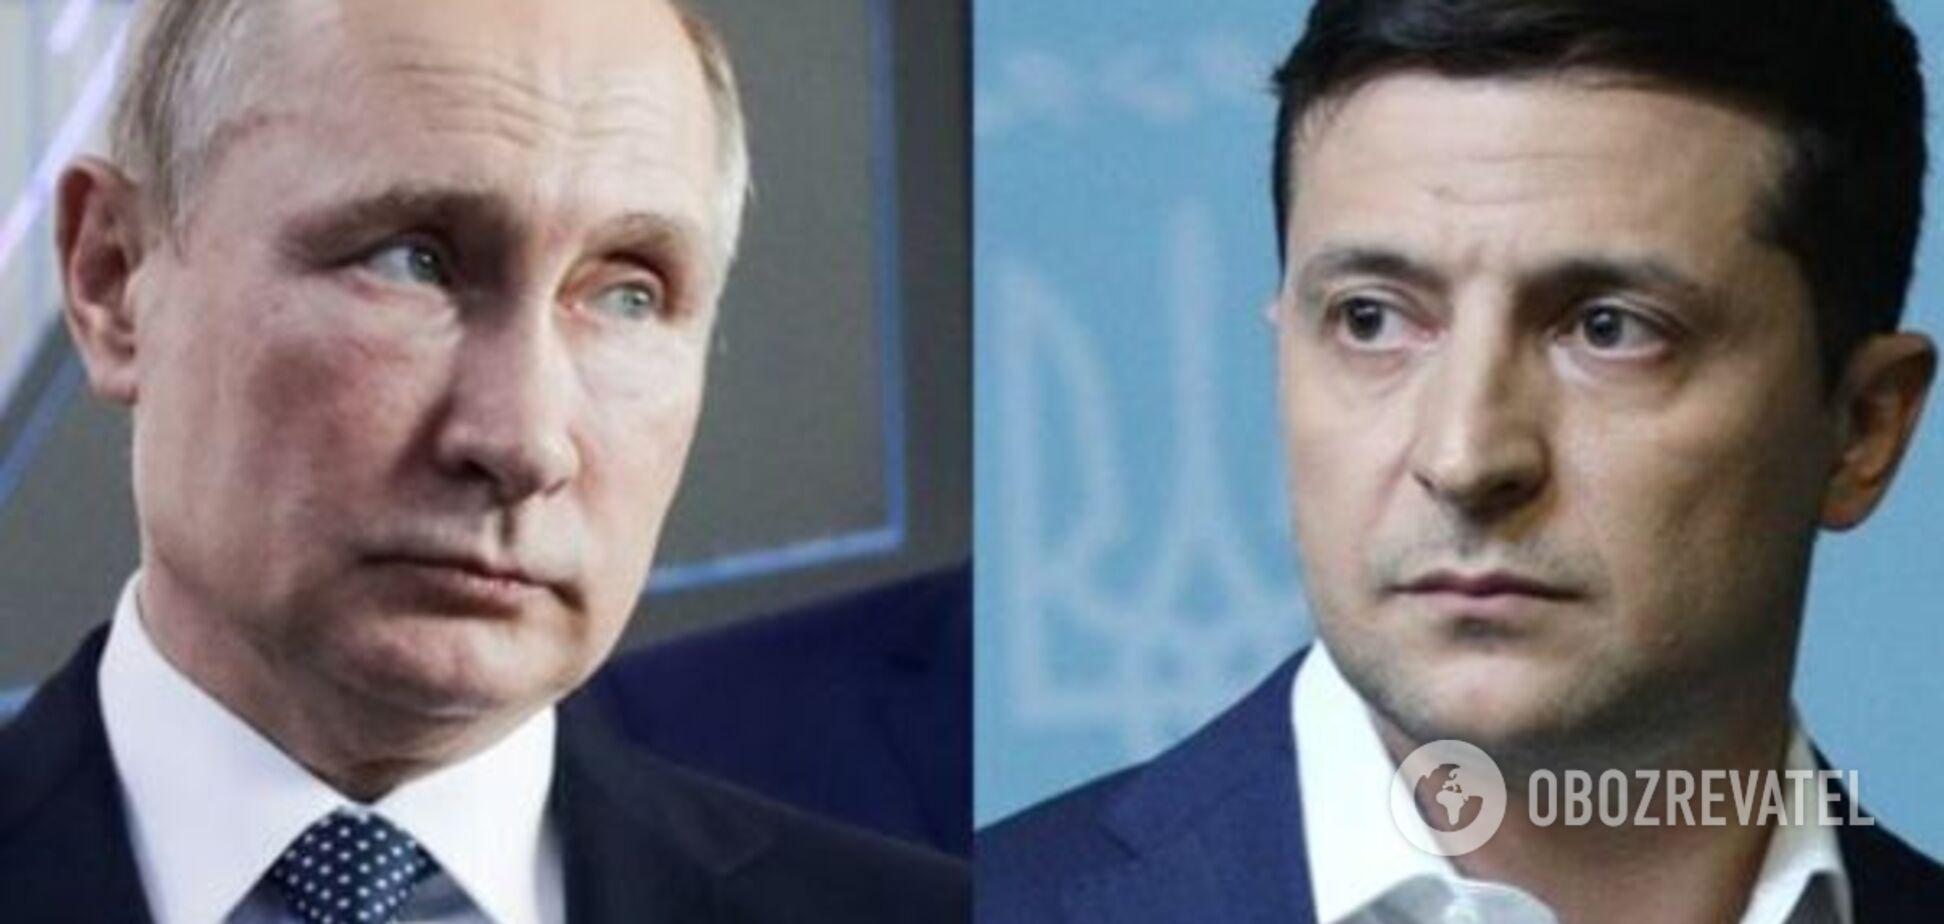 Зеленському розповіли, як перемогти Путіна